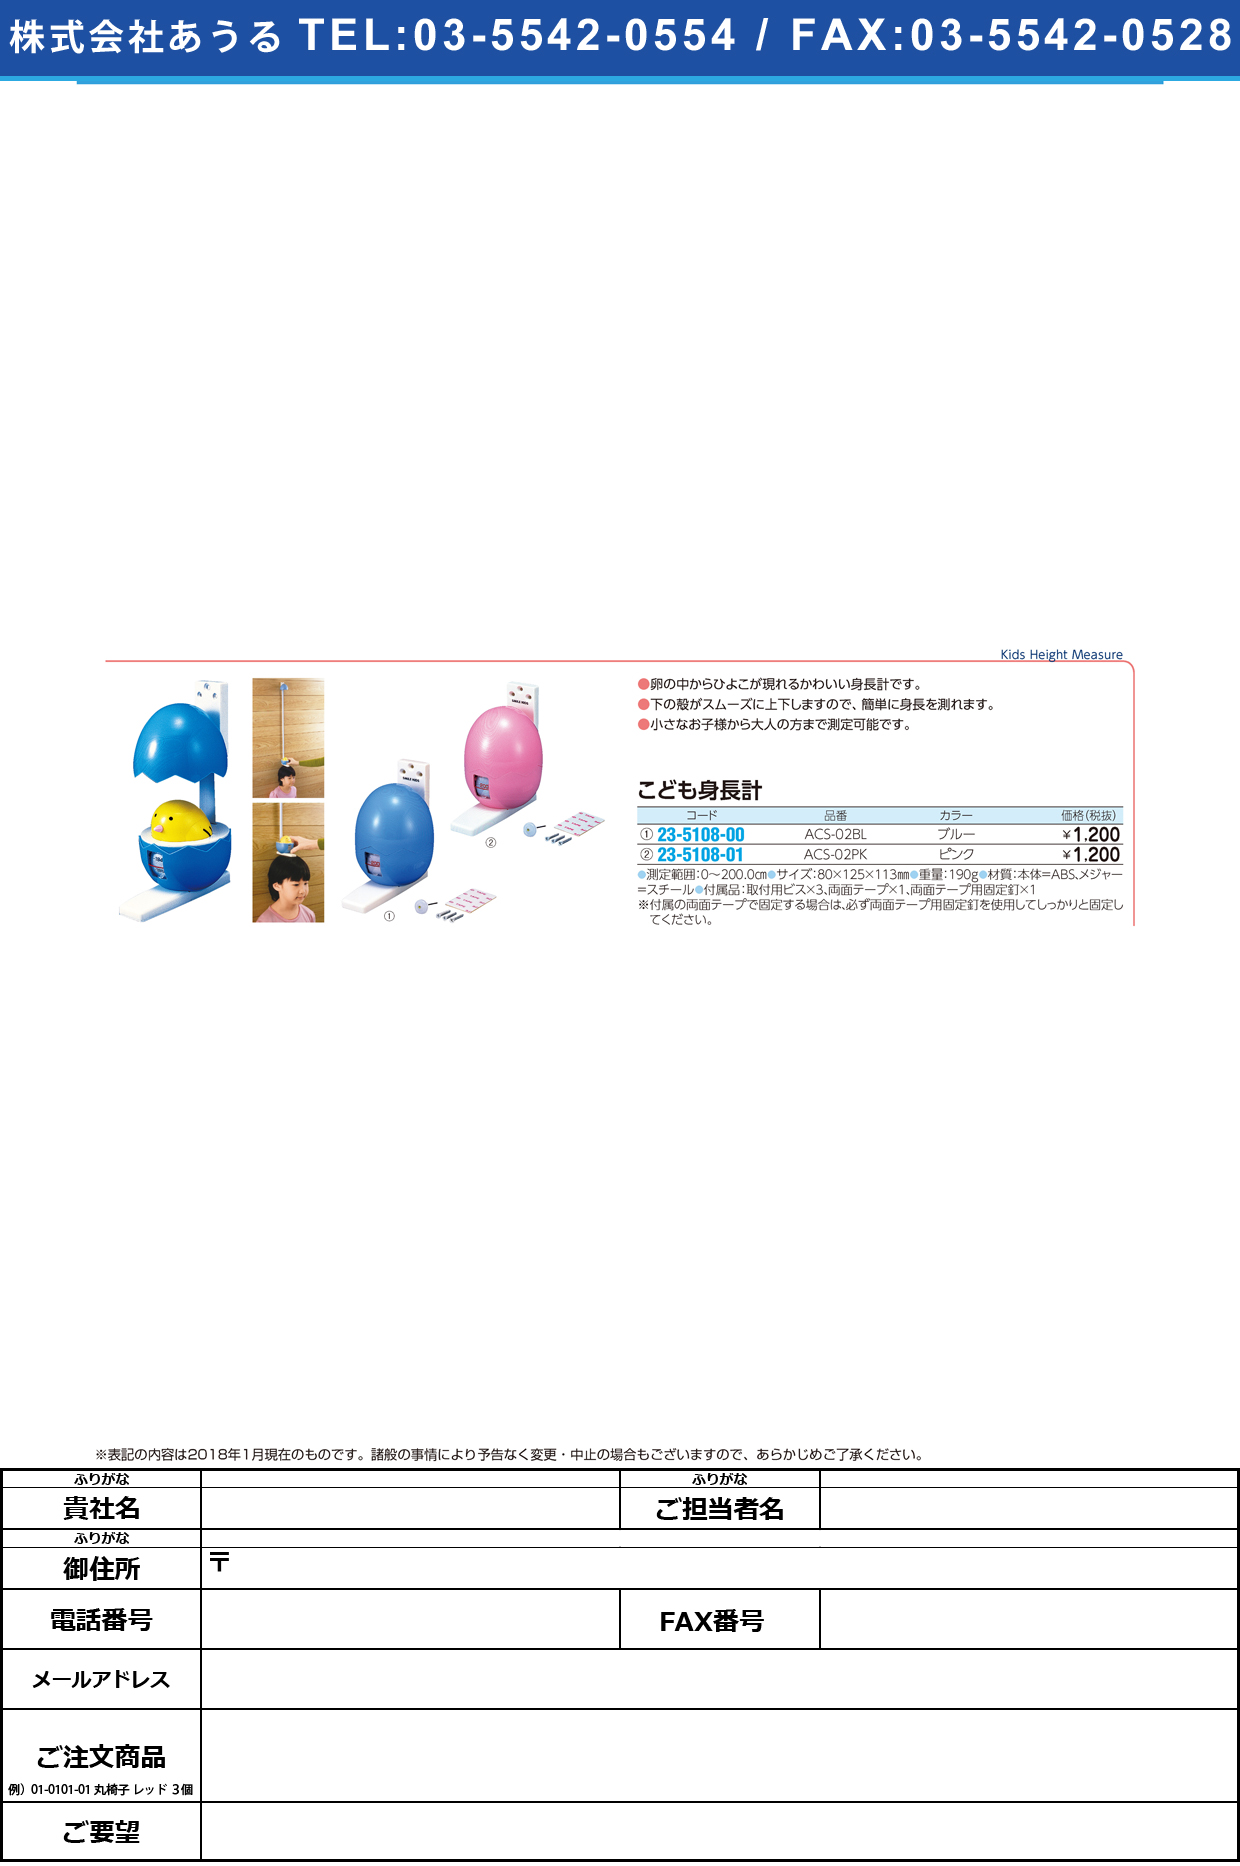 (23-5108-01)こども身長計 ACS-02PK(ピンク) コドモシンチョウケイ【1個単位】【2018年カタログ商品】